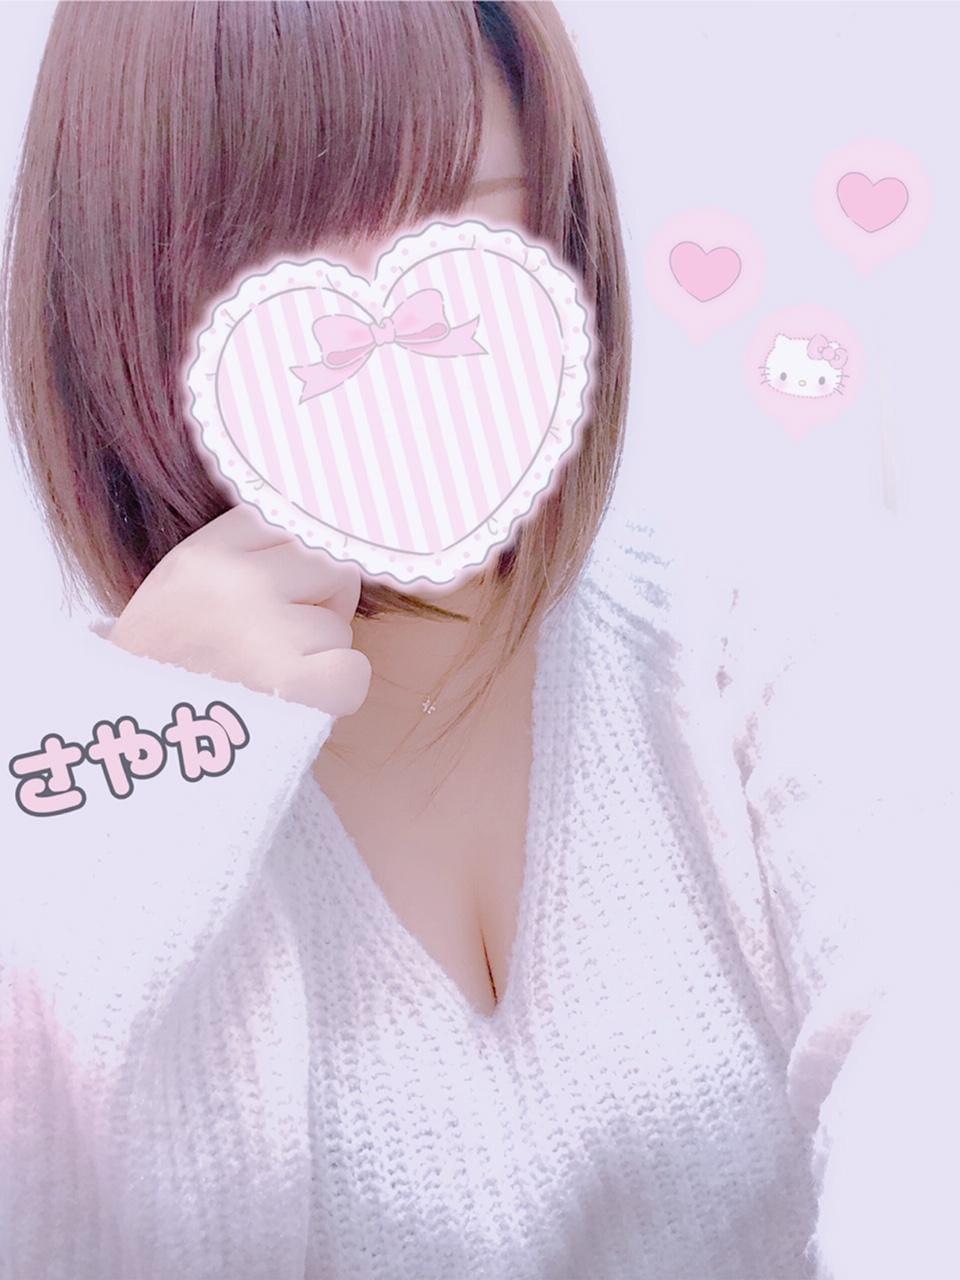 さやか「出勤しましたଘ(੭ˊ꒳ˋ)੭✧」01/17(木) 14:40   さやかの写メ・風俗動画